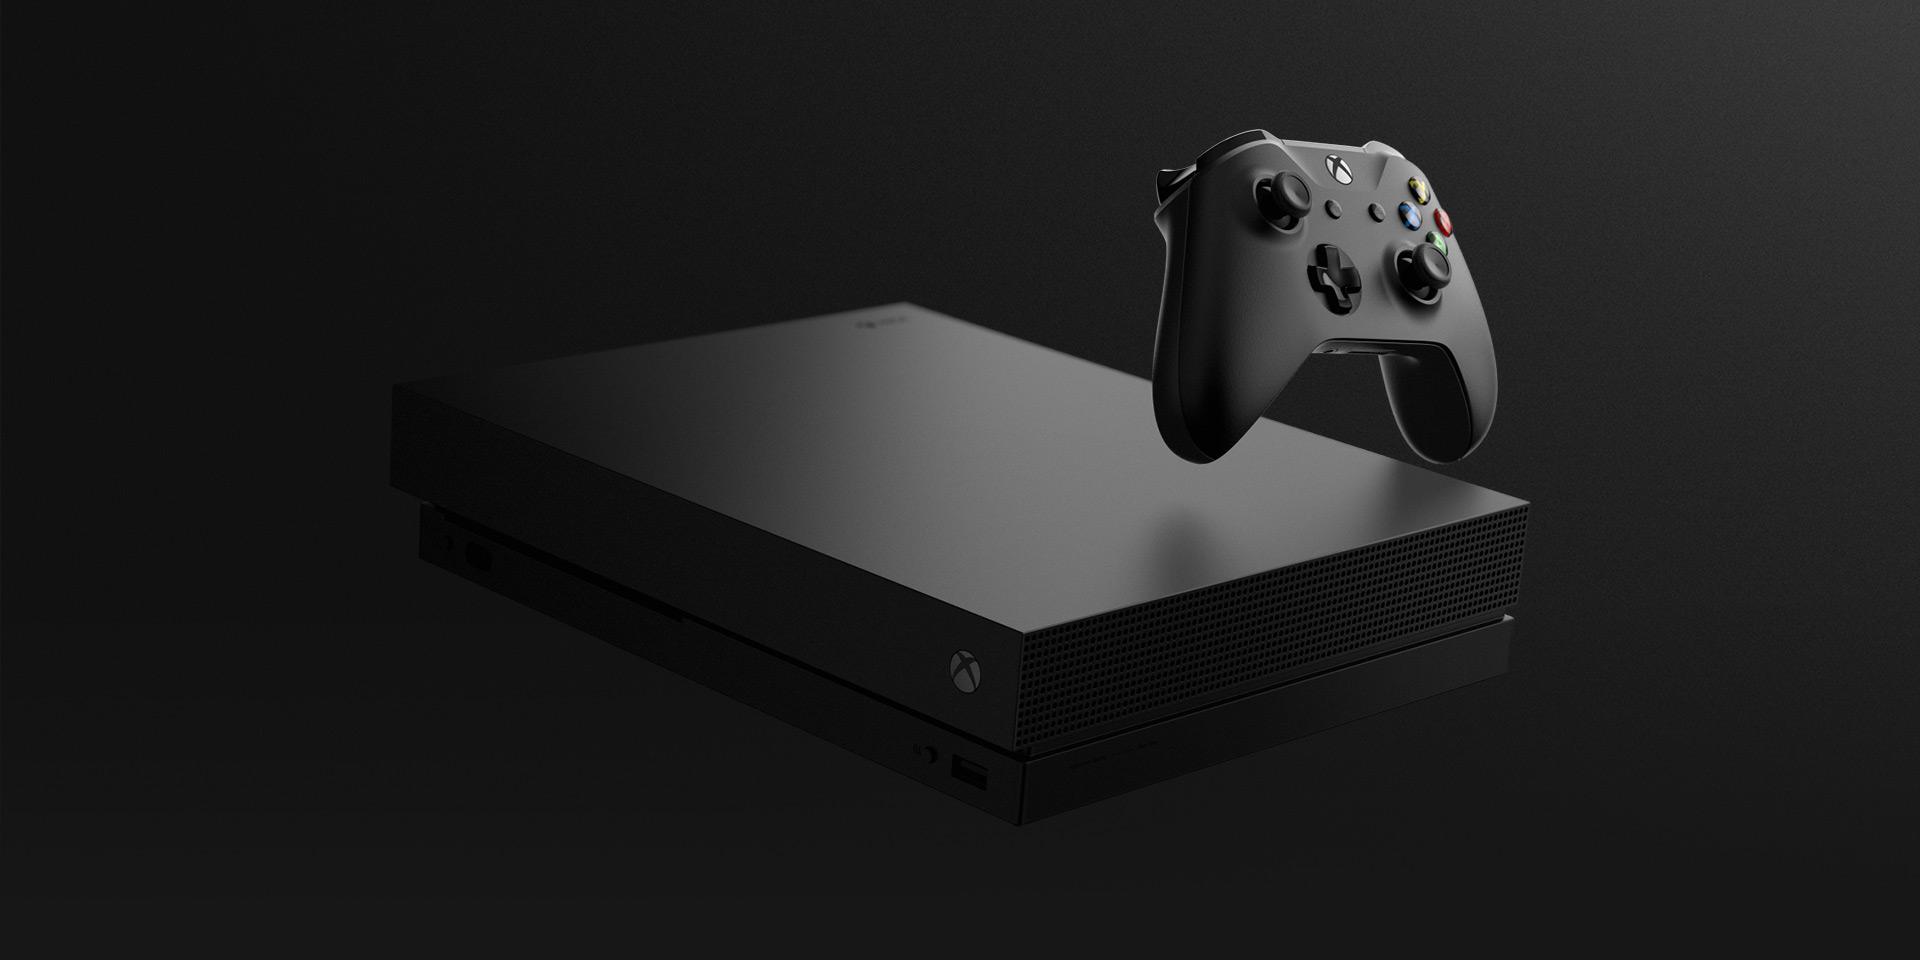 Xbox One X Microsoft E3 2017 Project Scorpio